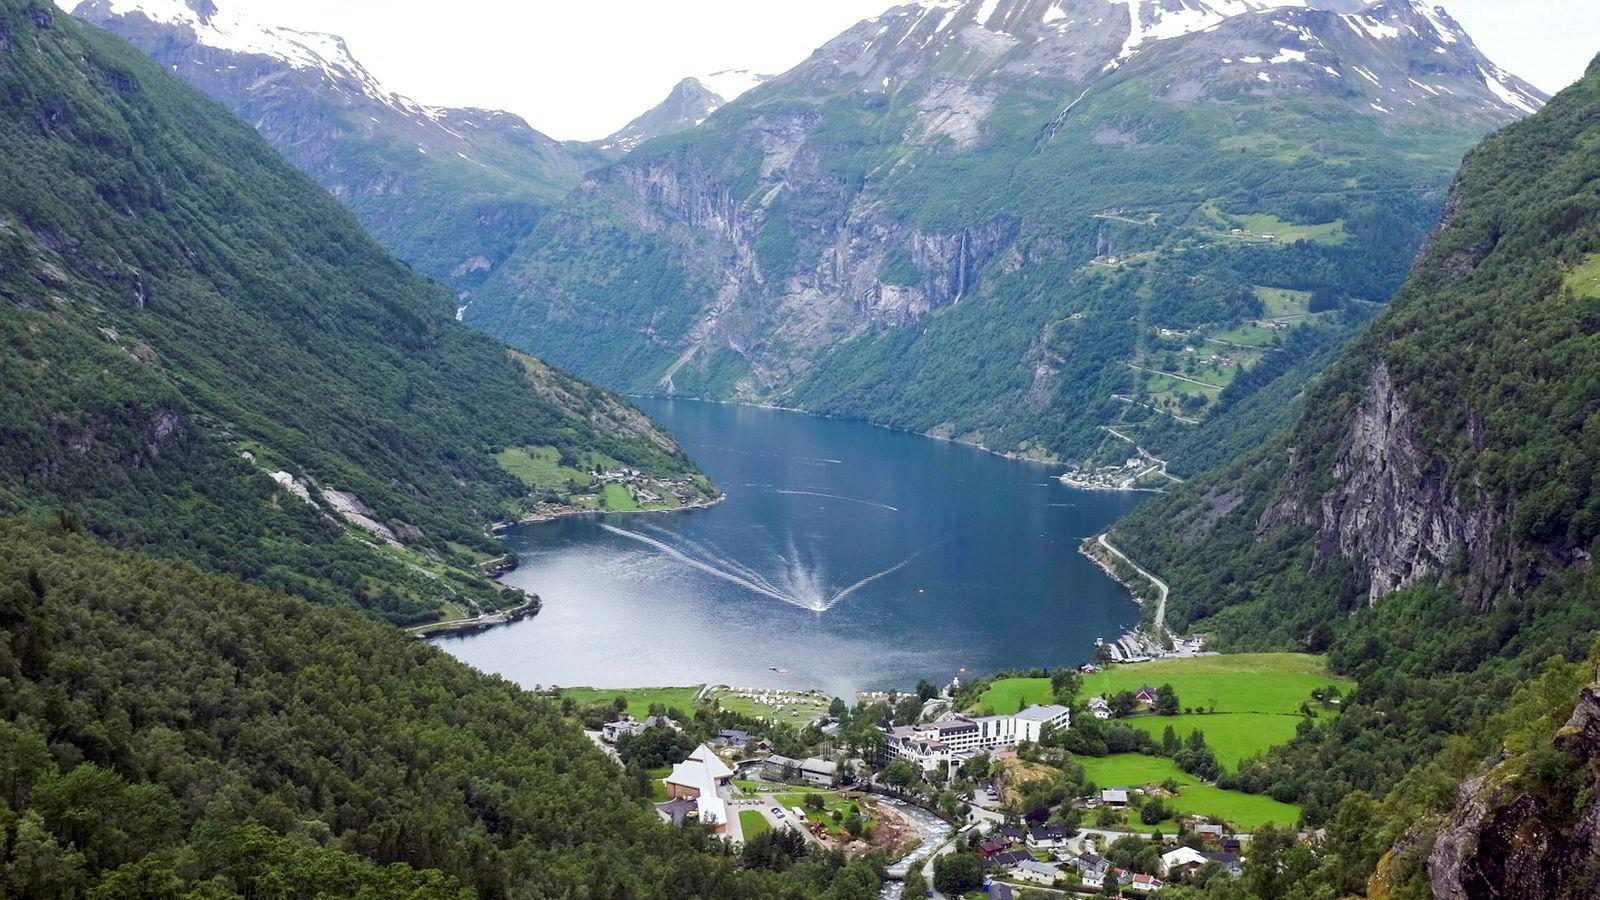 Motsättningarna mellan centrum och periferi har länge varit ett centralt tema i norsk politik. Det är en av anledningarna till att Sverige och Norge skiljer sig så åt, enligt Kjetil Wiedswang. På bild: Geirangerfjorden.